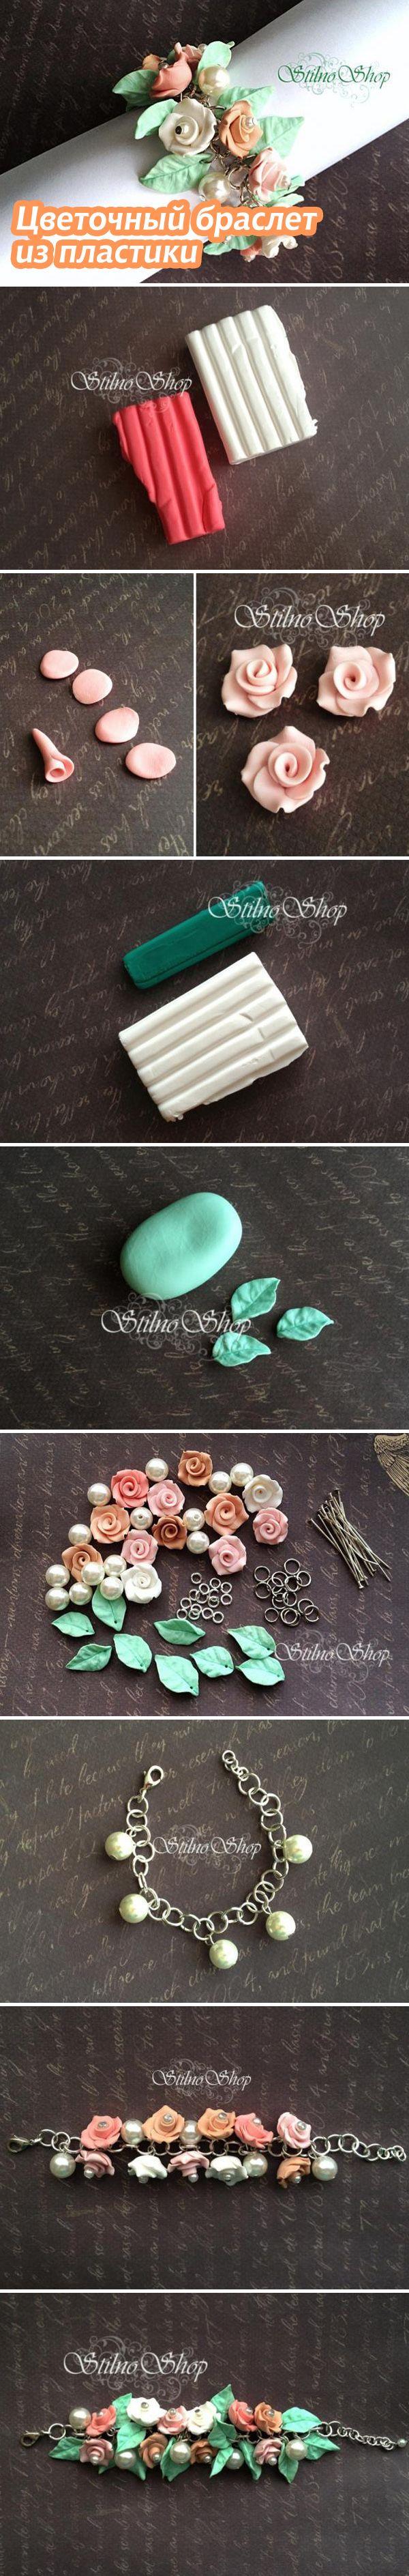 Как сделать из полимерной глины вещи